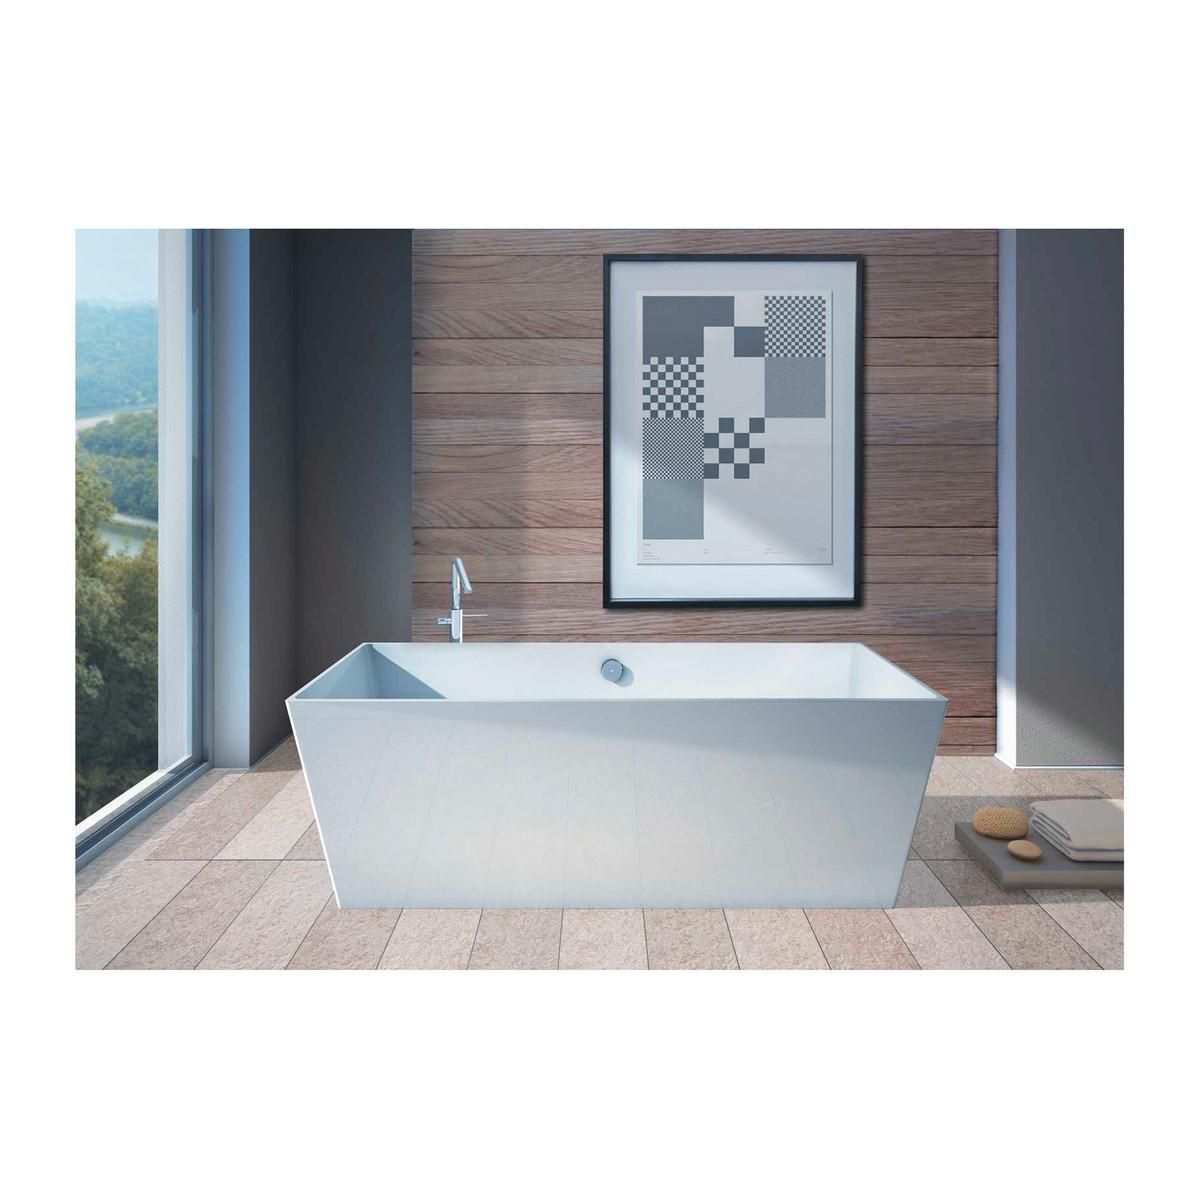 Vasca centro stanza carmel 160 x 65 cm prezzi e offerte for Vasca centro stanza